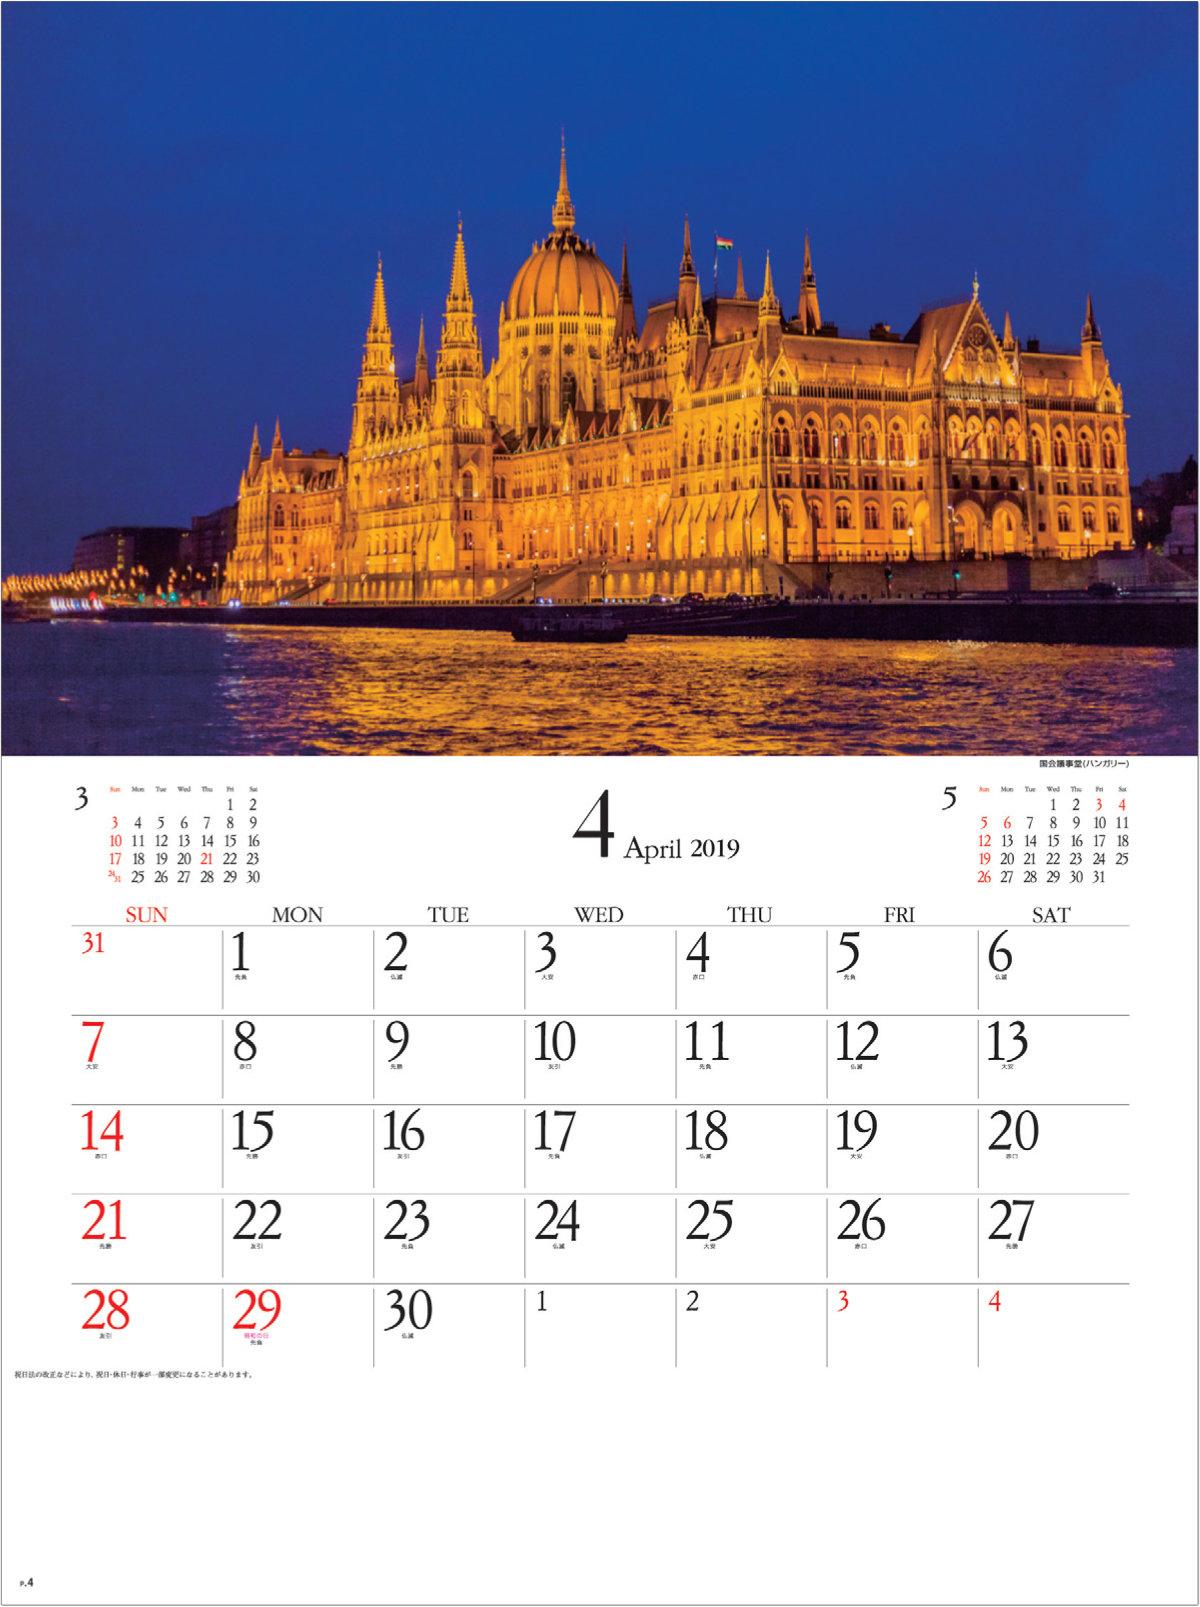 画像:国会議事堂(ハンガリー) エンドレスシティ・世界の夜景 2019年カレンダー